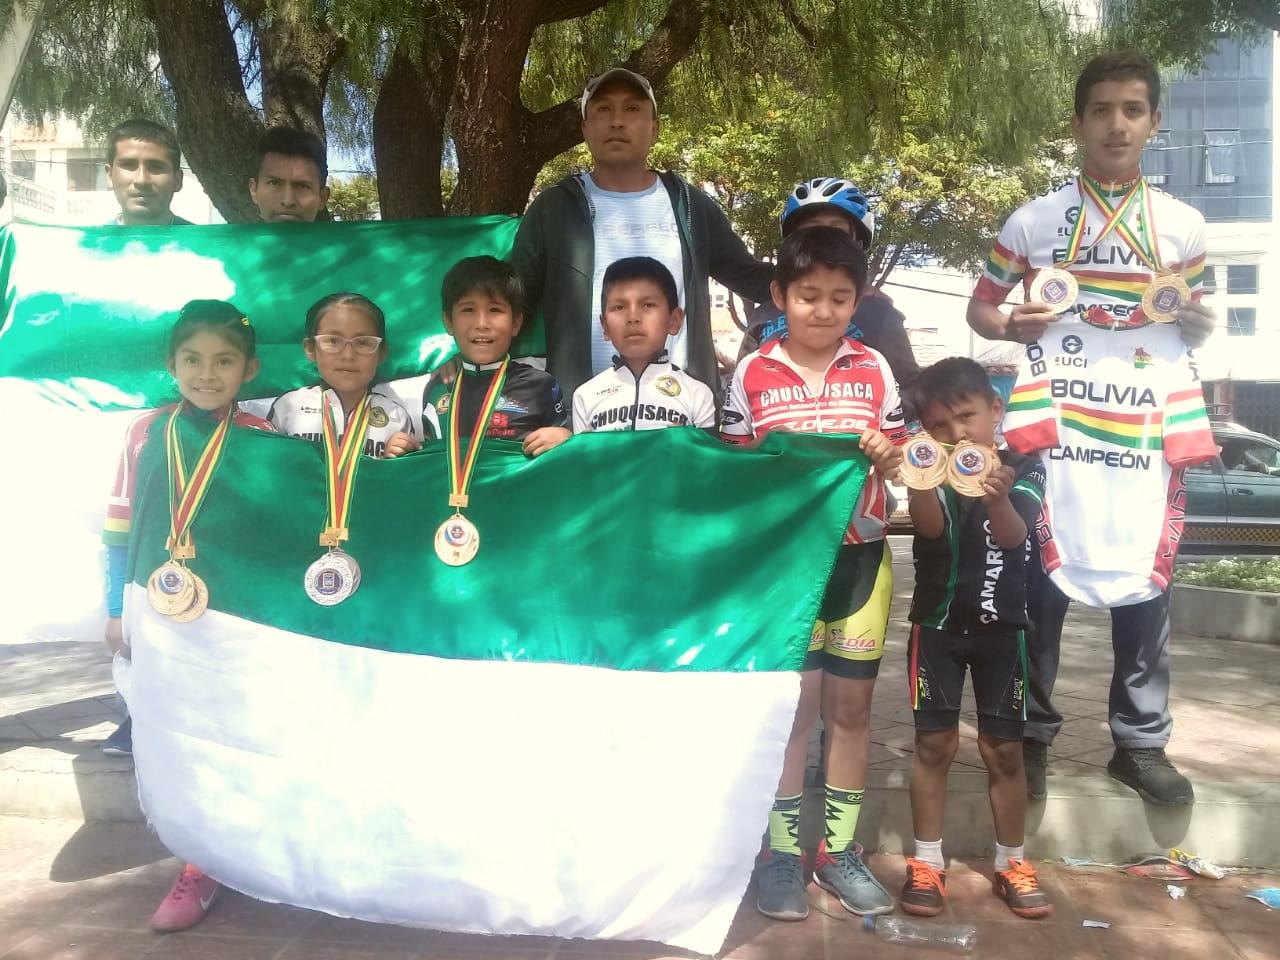 Ciclistas camargueños cosechan medallas en torneo nacional